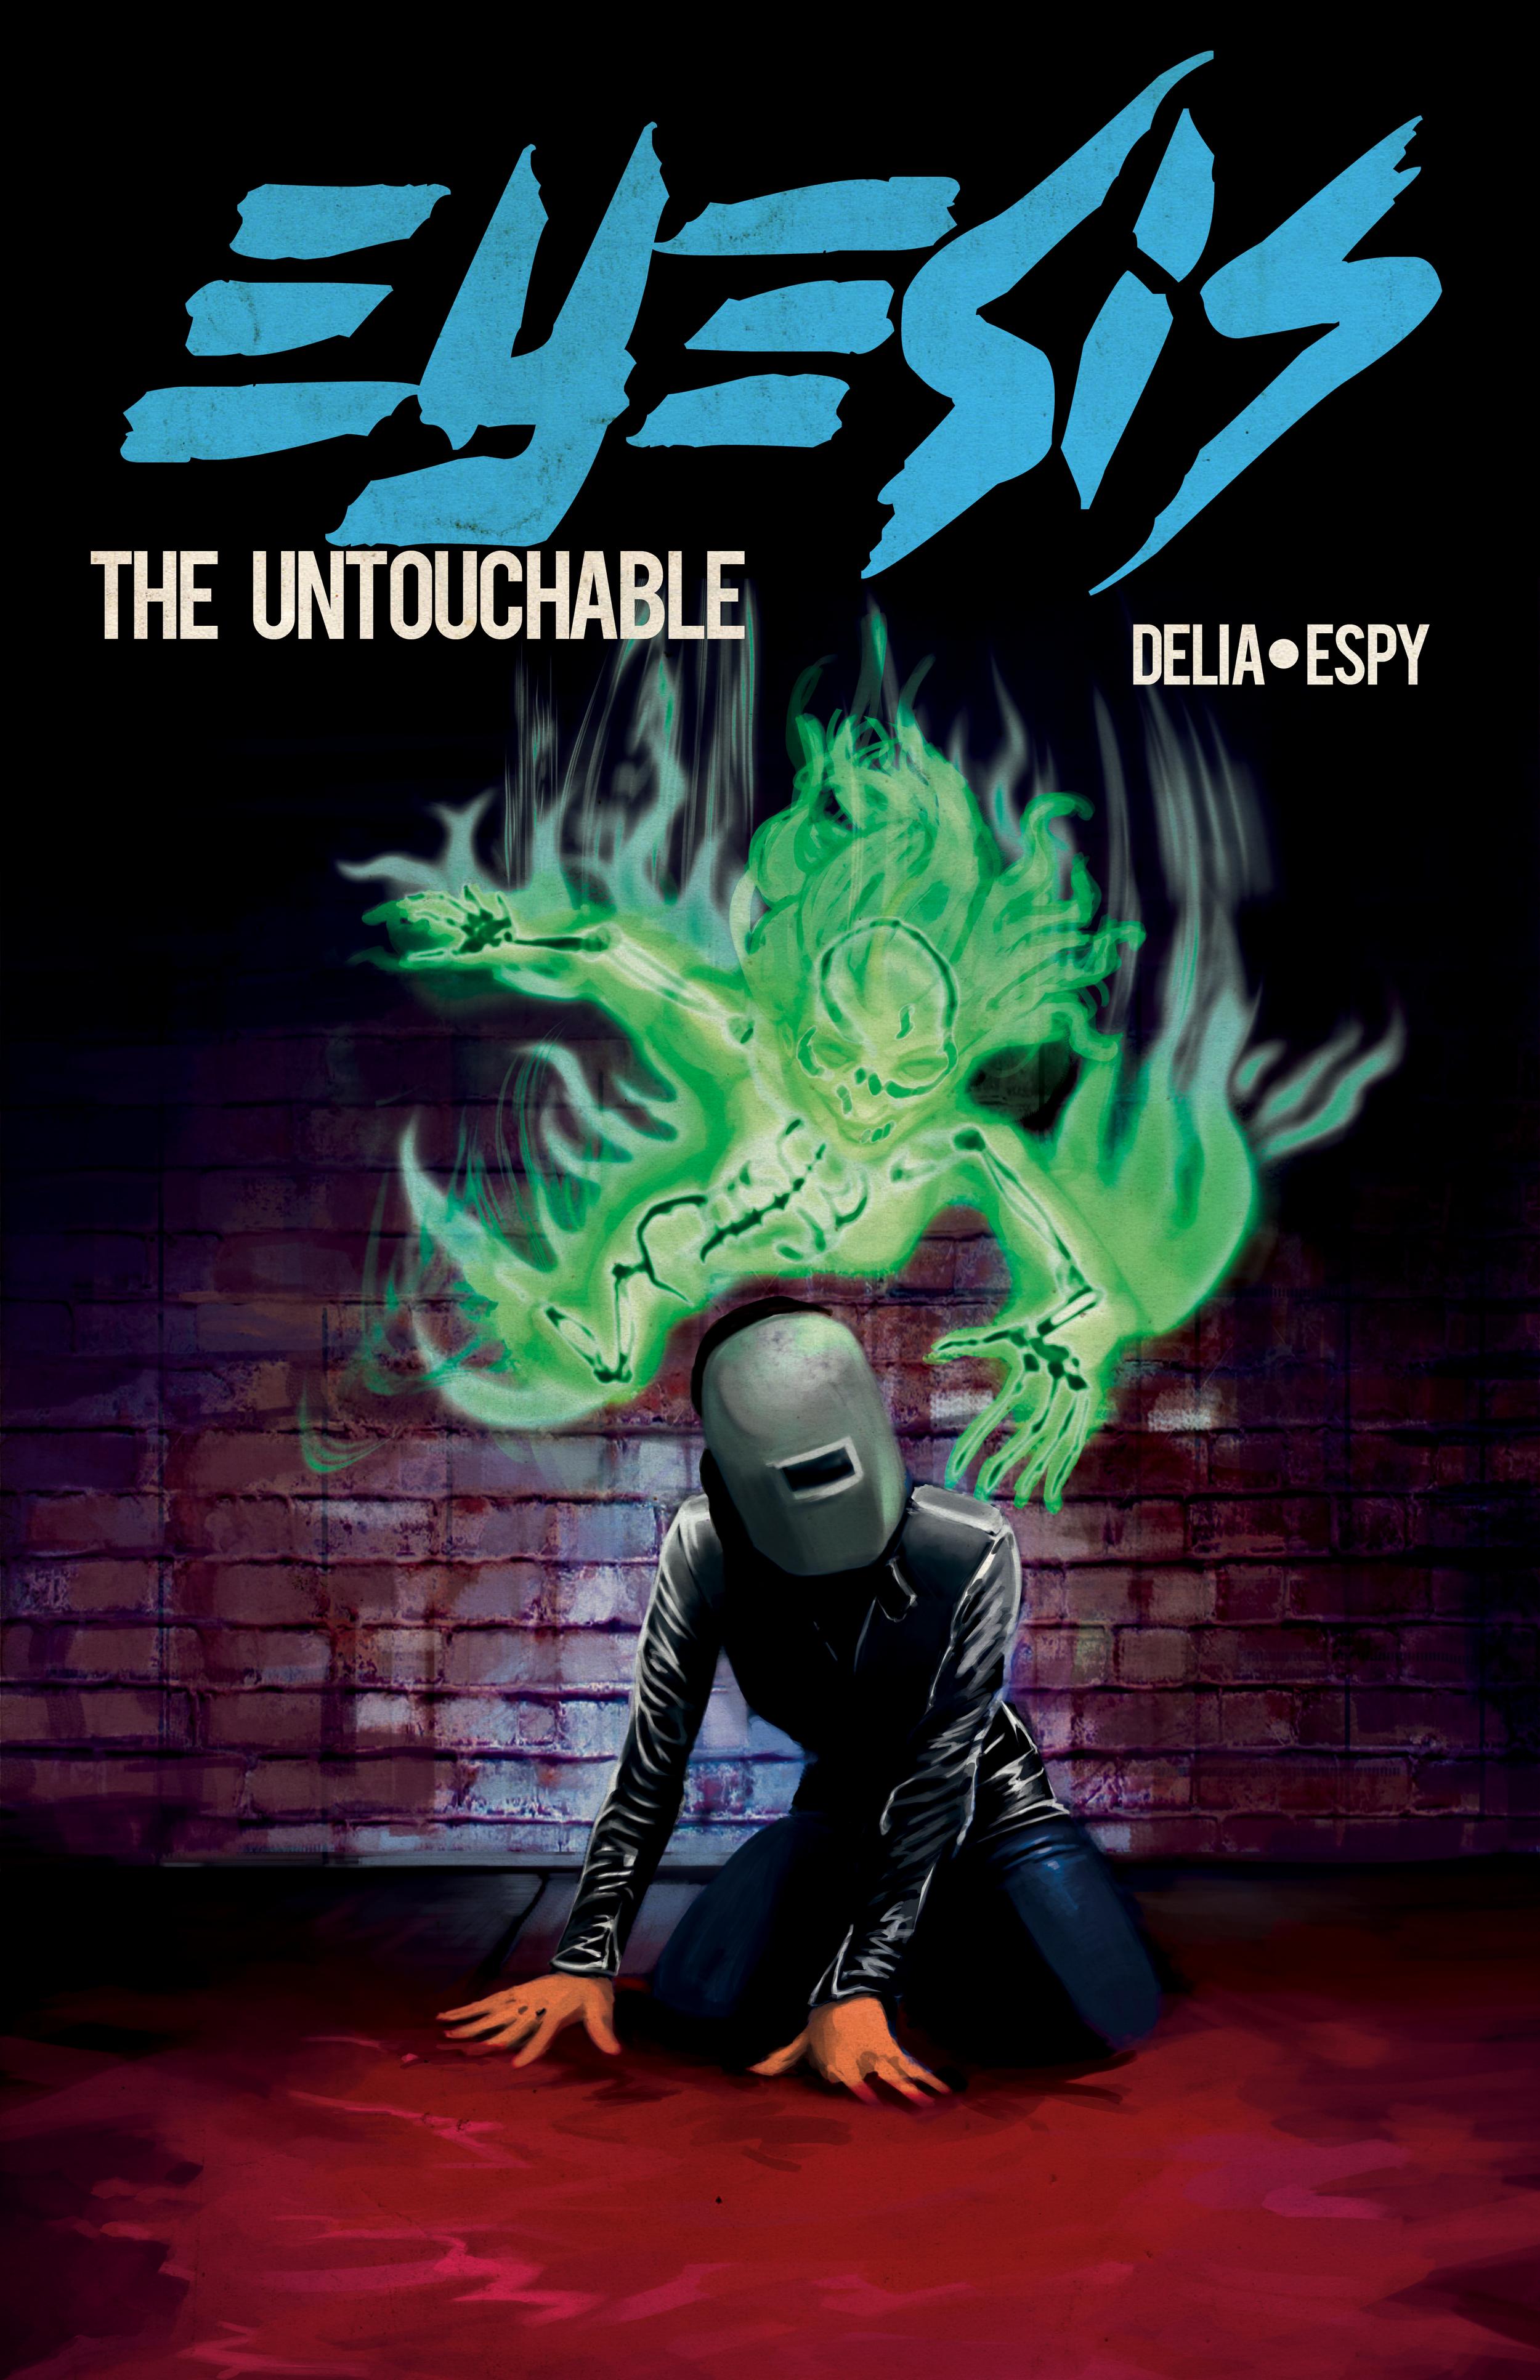 Eyesis: The Untouchable #2 from Alex Delia & David Espy.